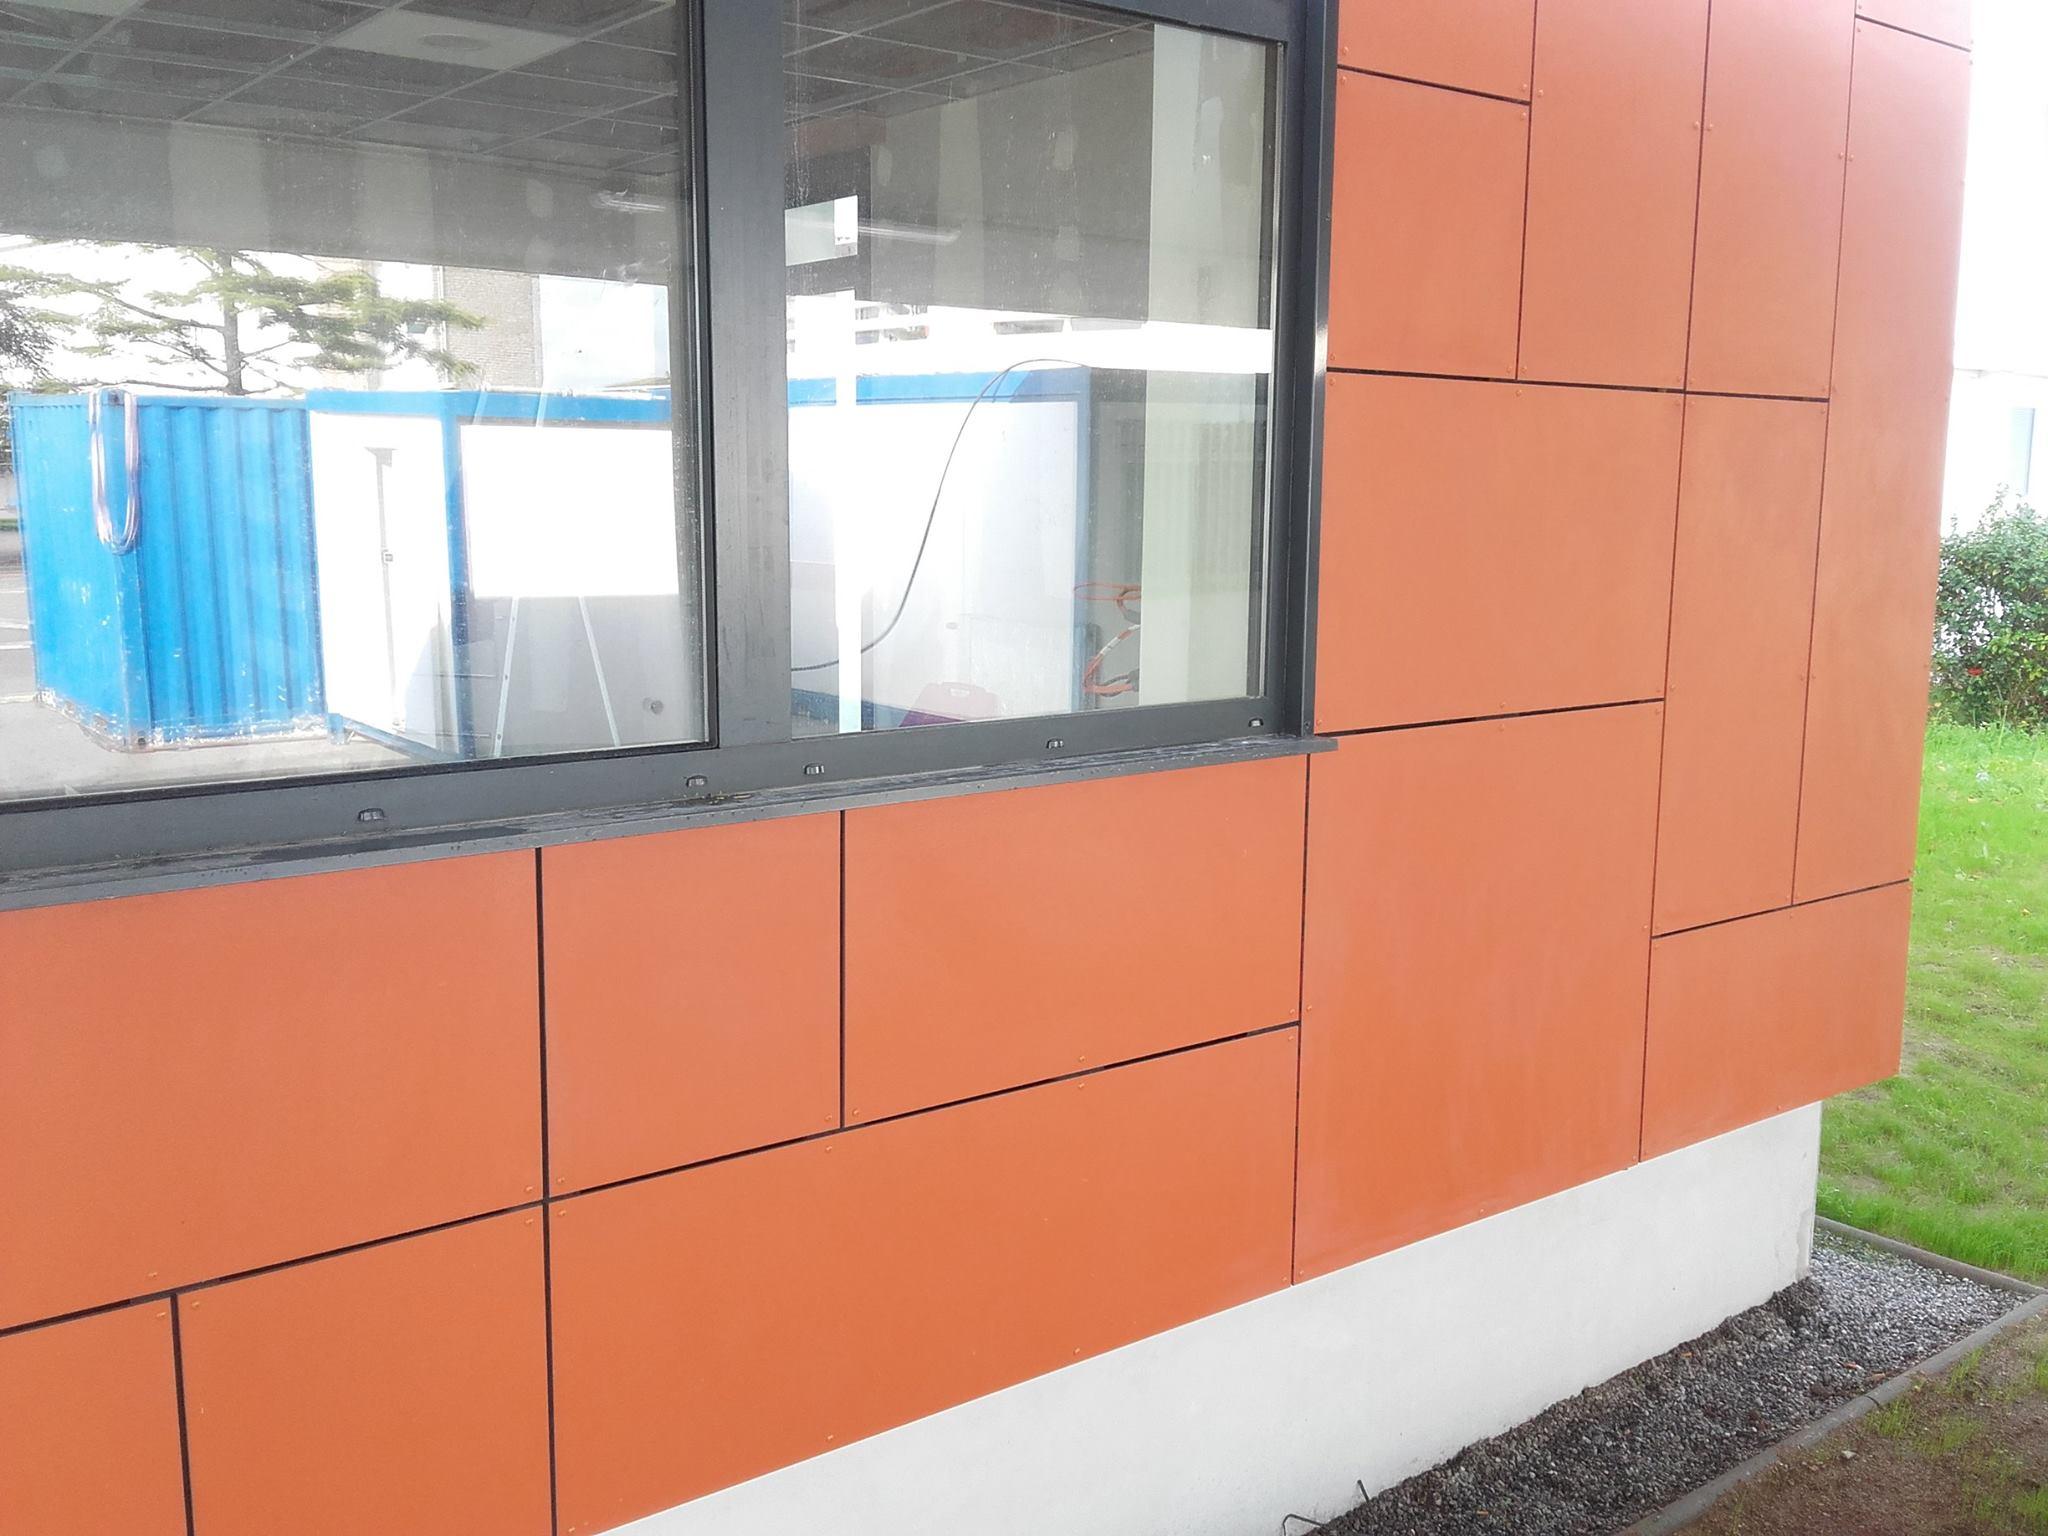 panneaux de fibrociment TEXTURA 8 mm en coloris orangé TG701